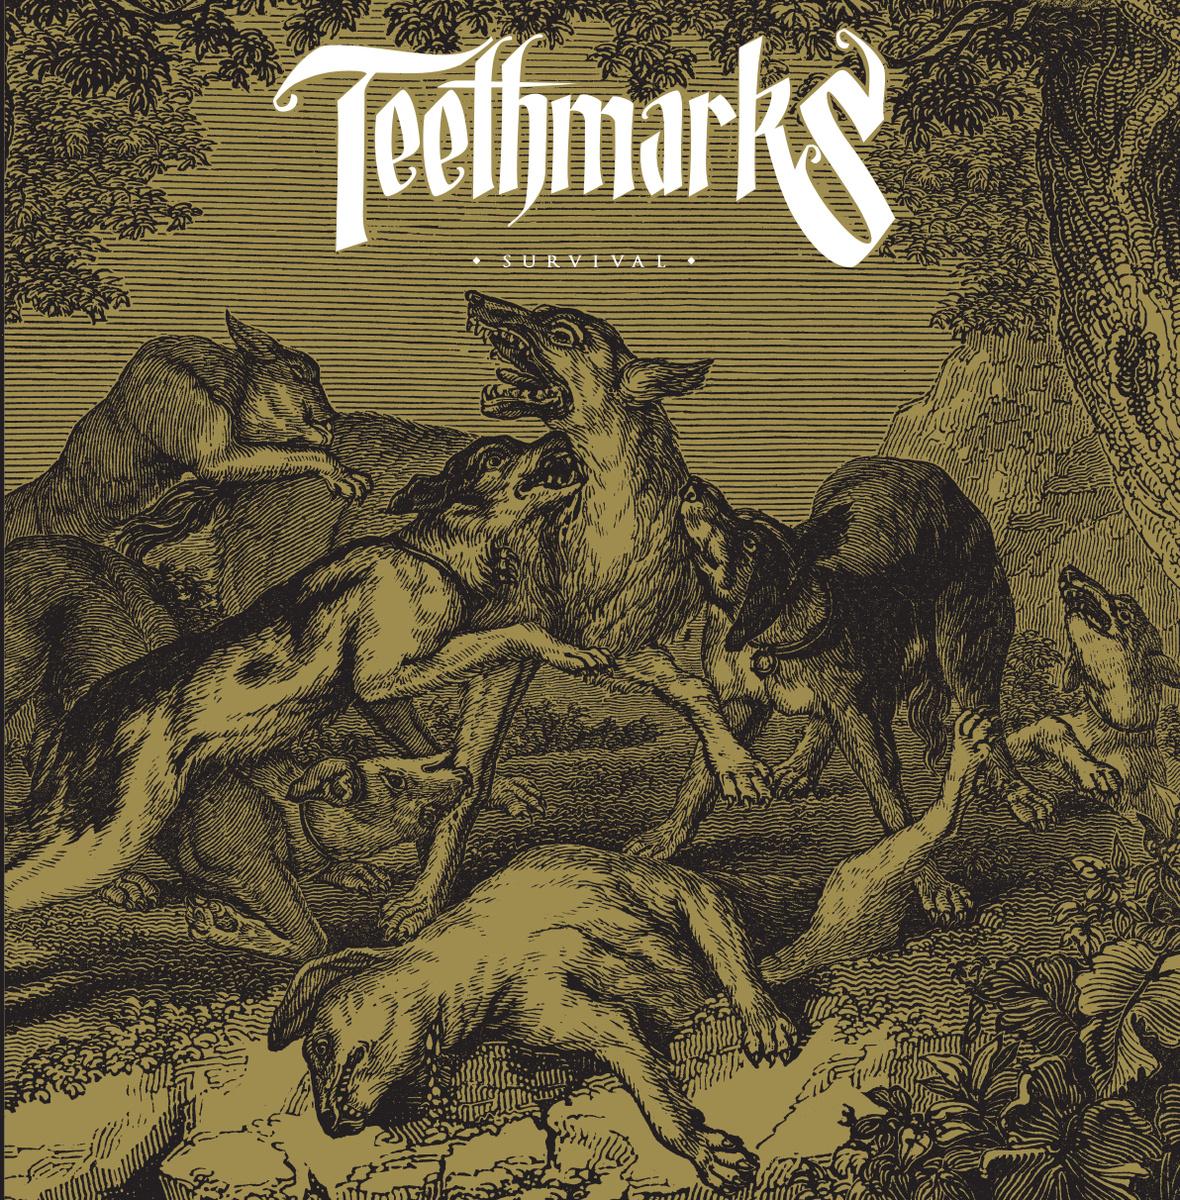 Survival<br />Teethmarks